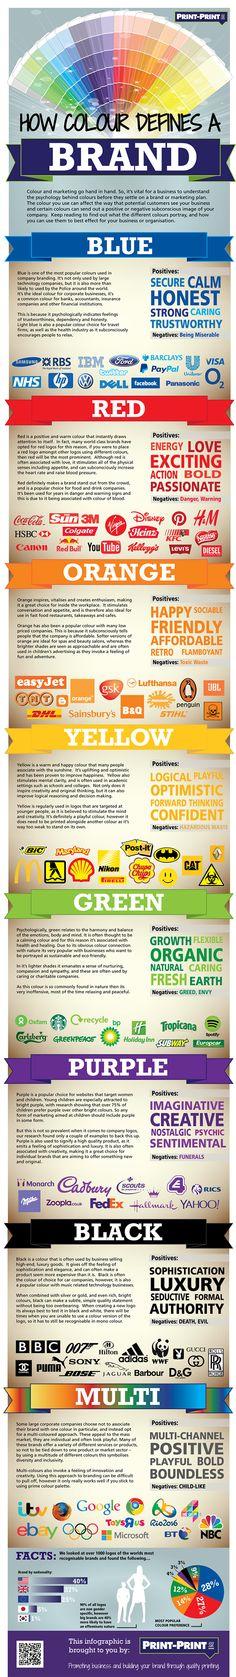 Den ultimative guide til hvilke farver du bør bruge i dit logo design. Hvilken betydning en farve kan have for dit logo mening og budskab.